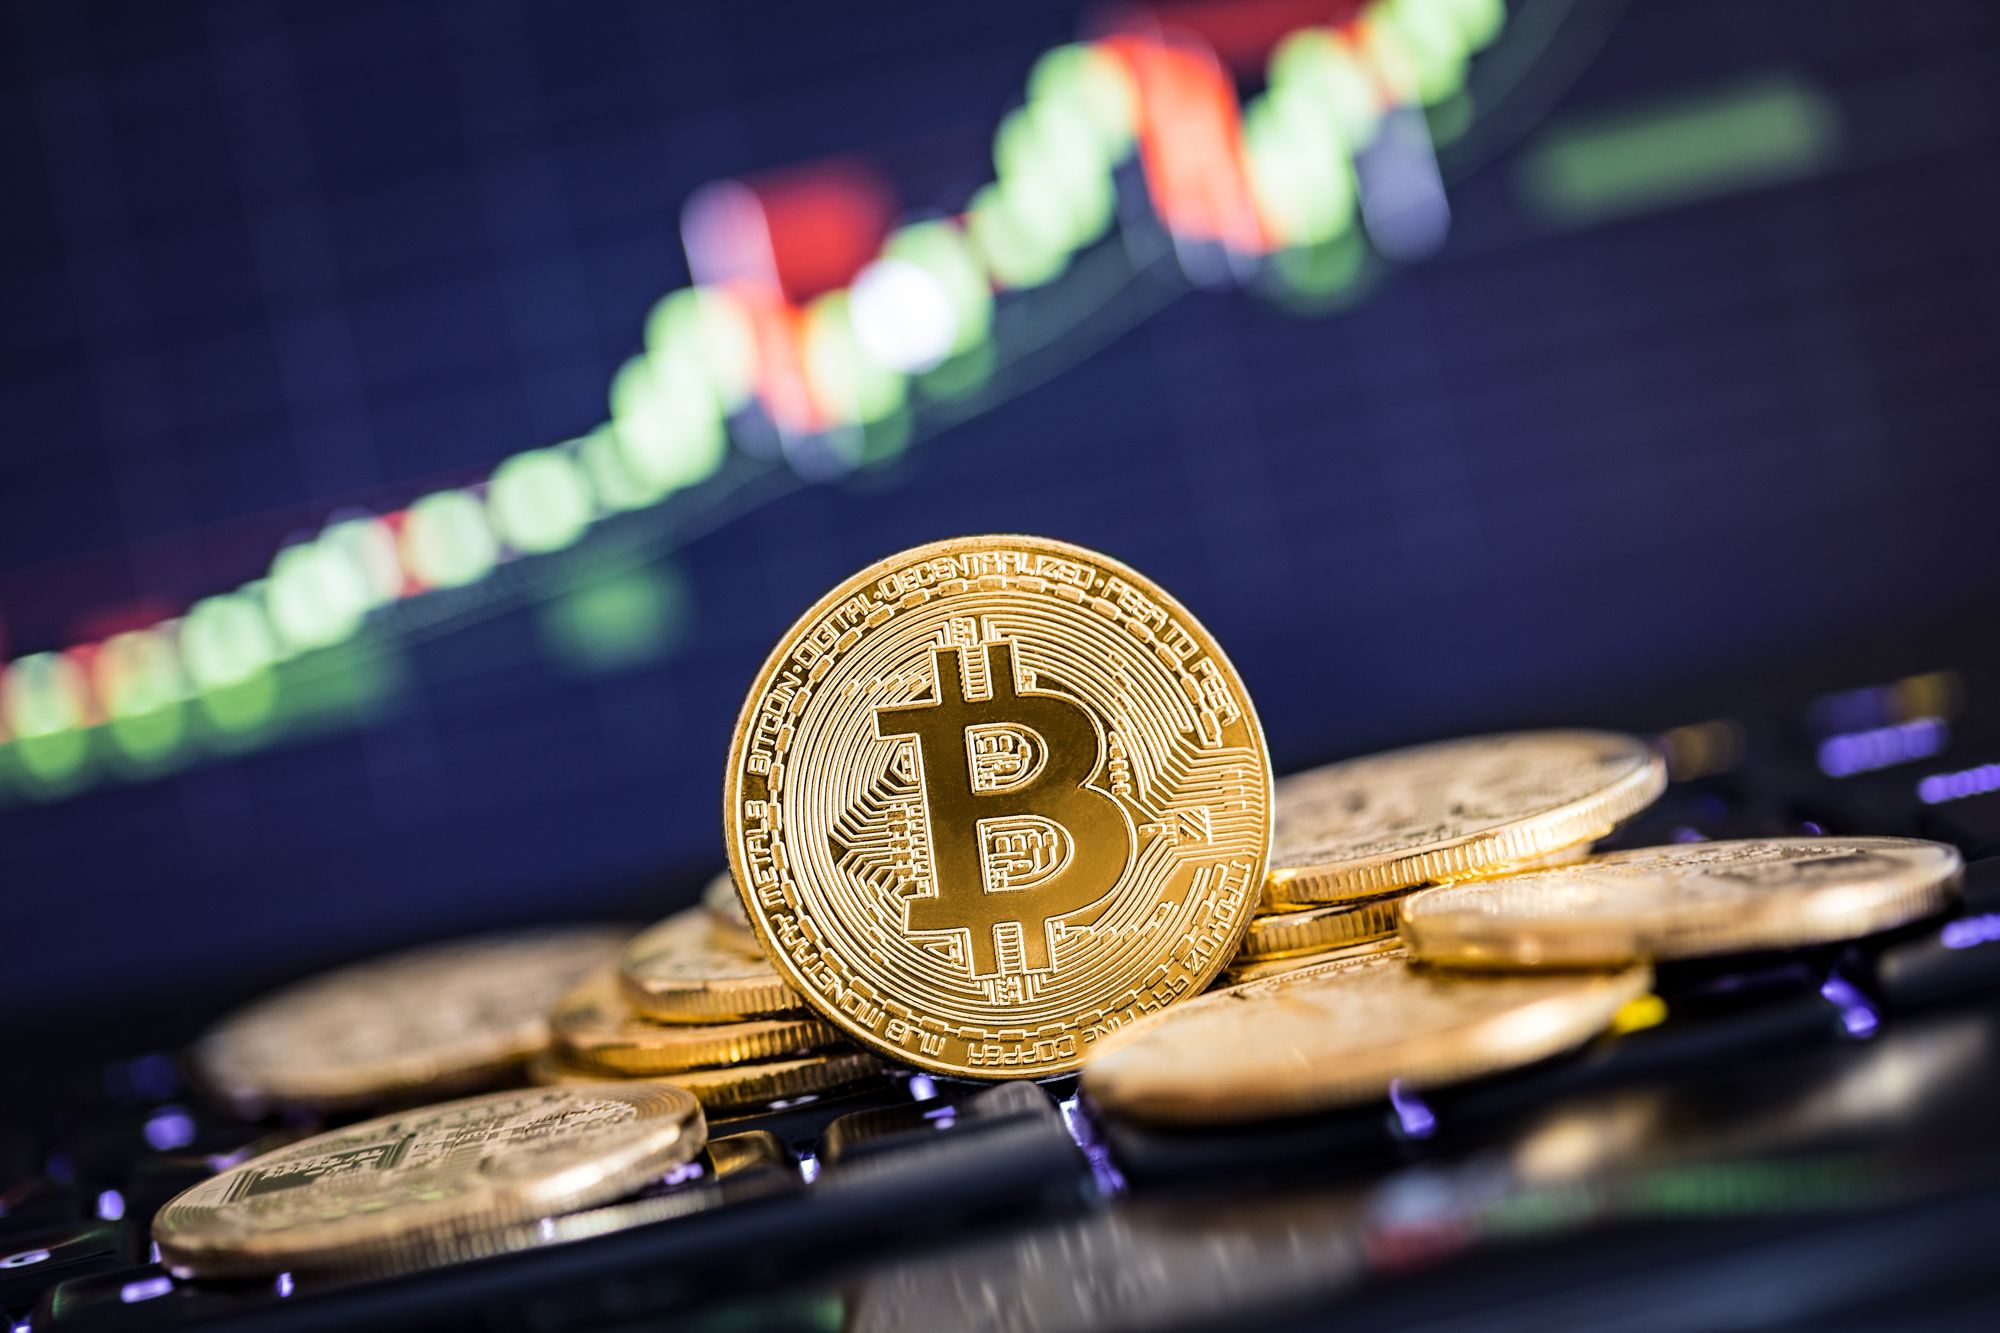 Криптовалютная биржа zb.com: детальный обзор 2019 года